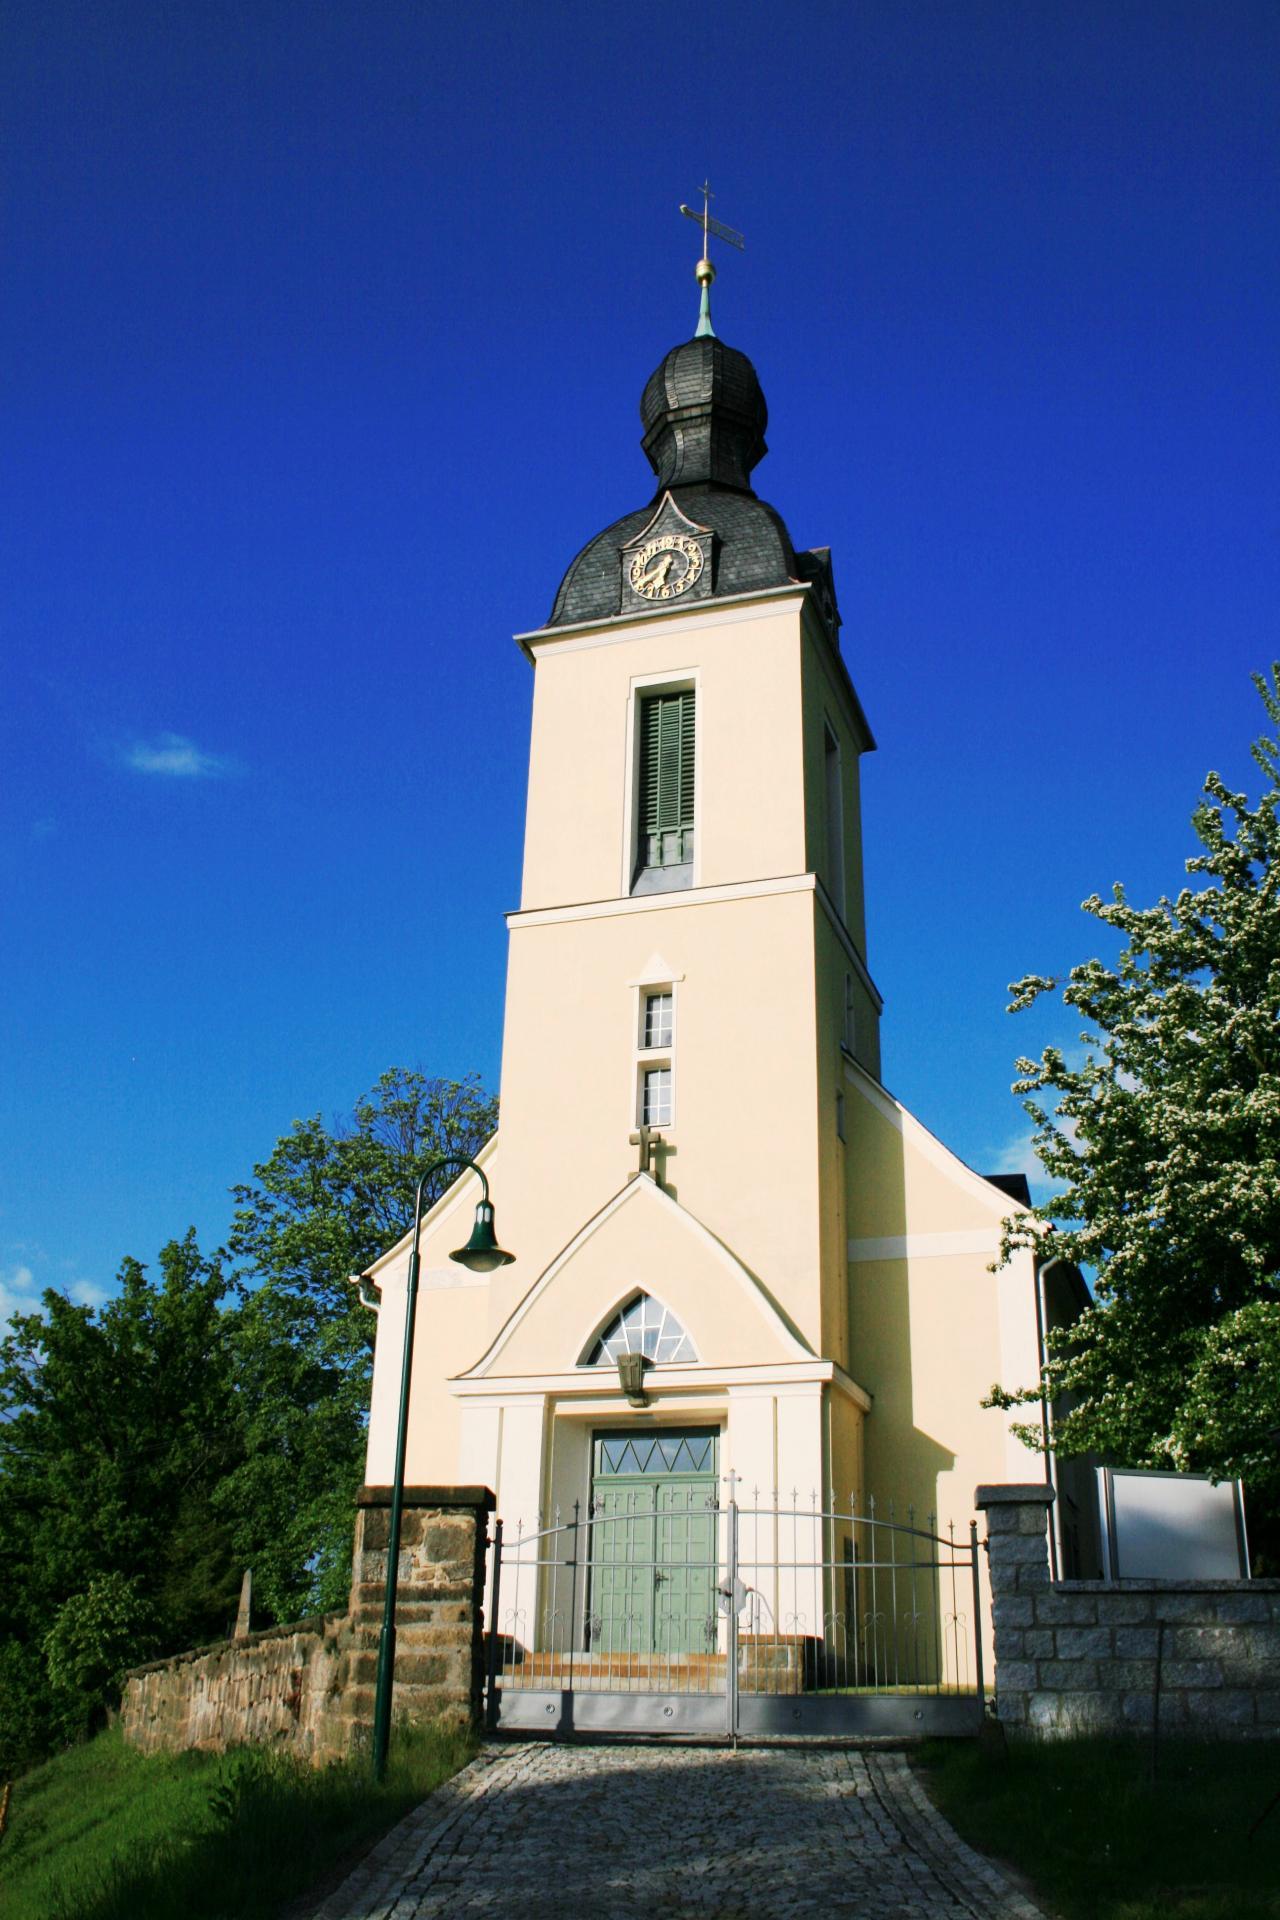 Evangelische Kirche Oppach